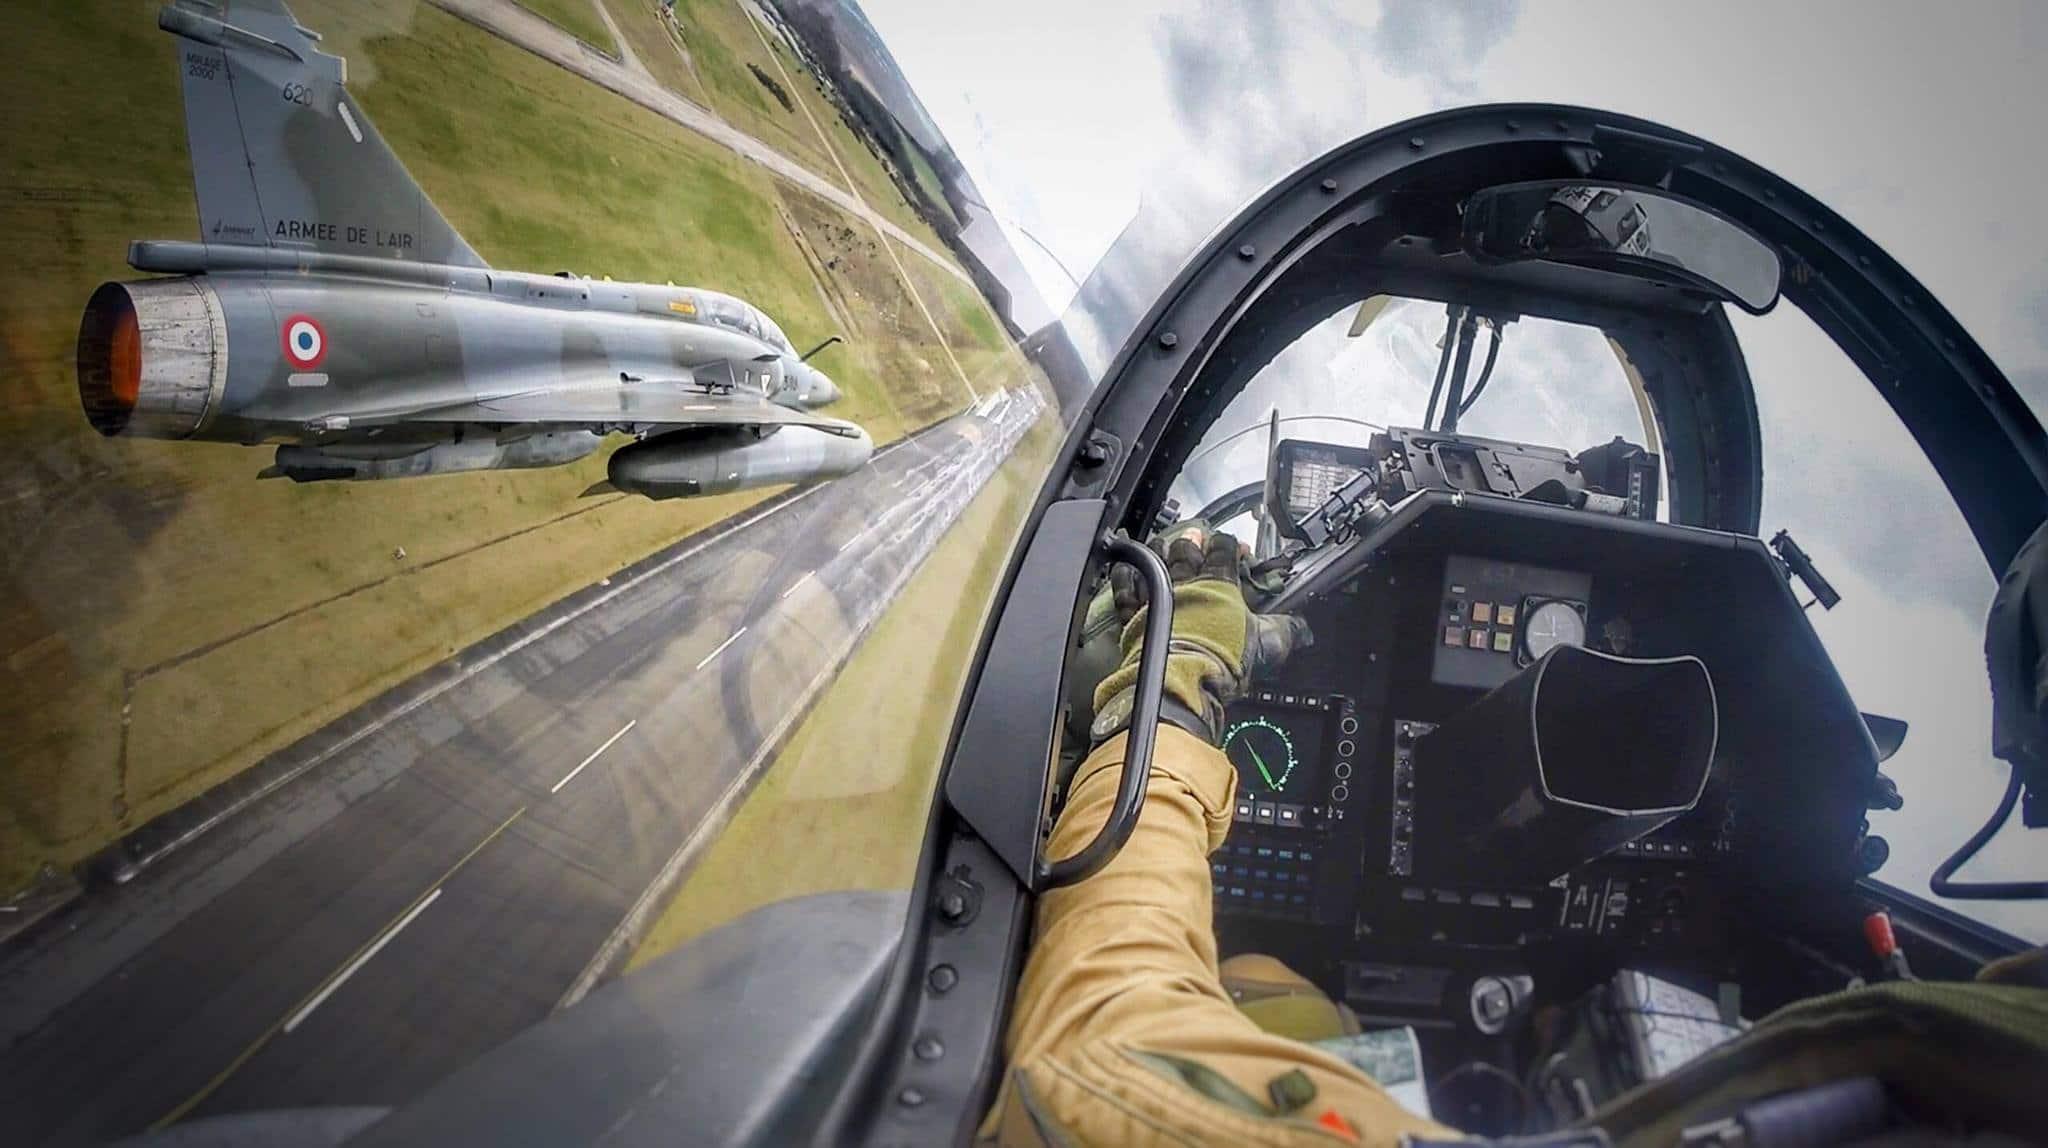 École de Simulation de Combat Aérien - DCS World - Portail 30515869_344328262638691_8916419679216467968_o